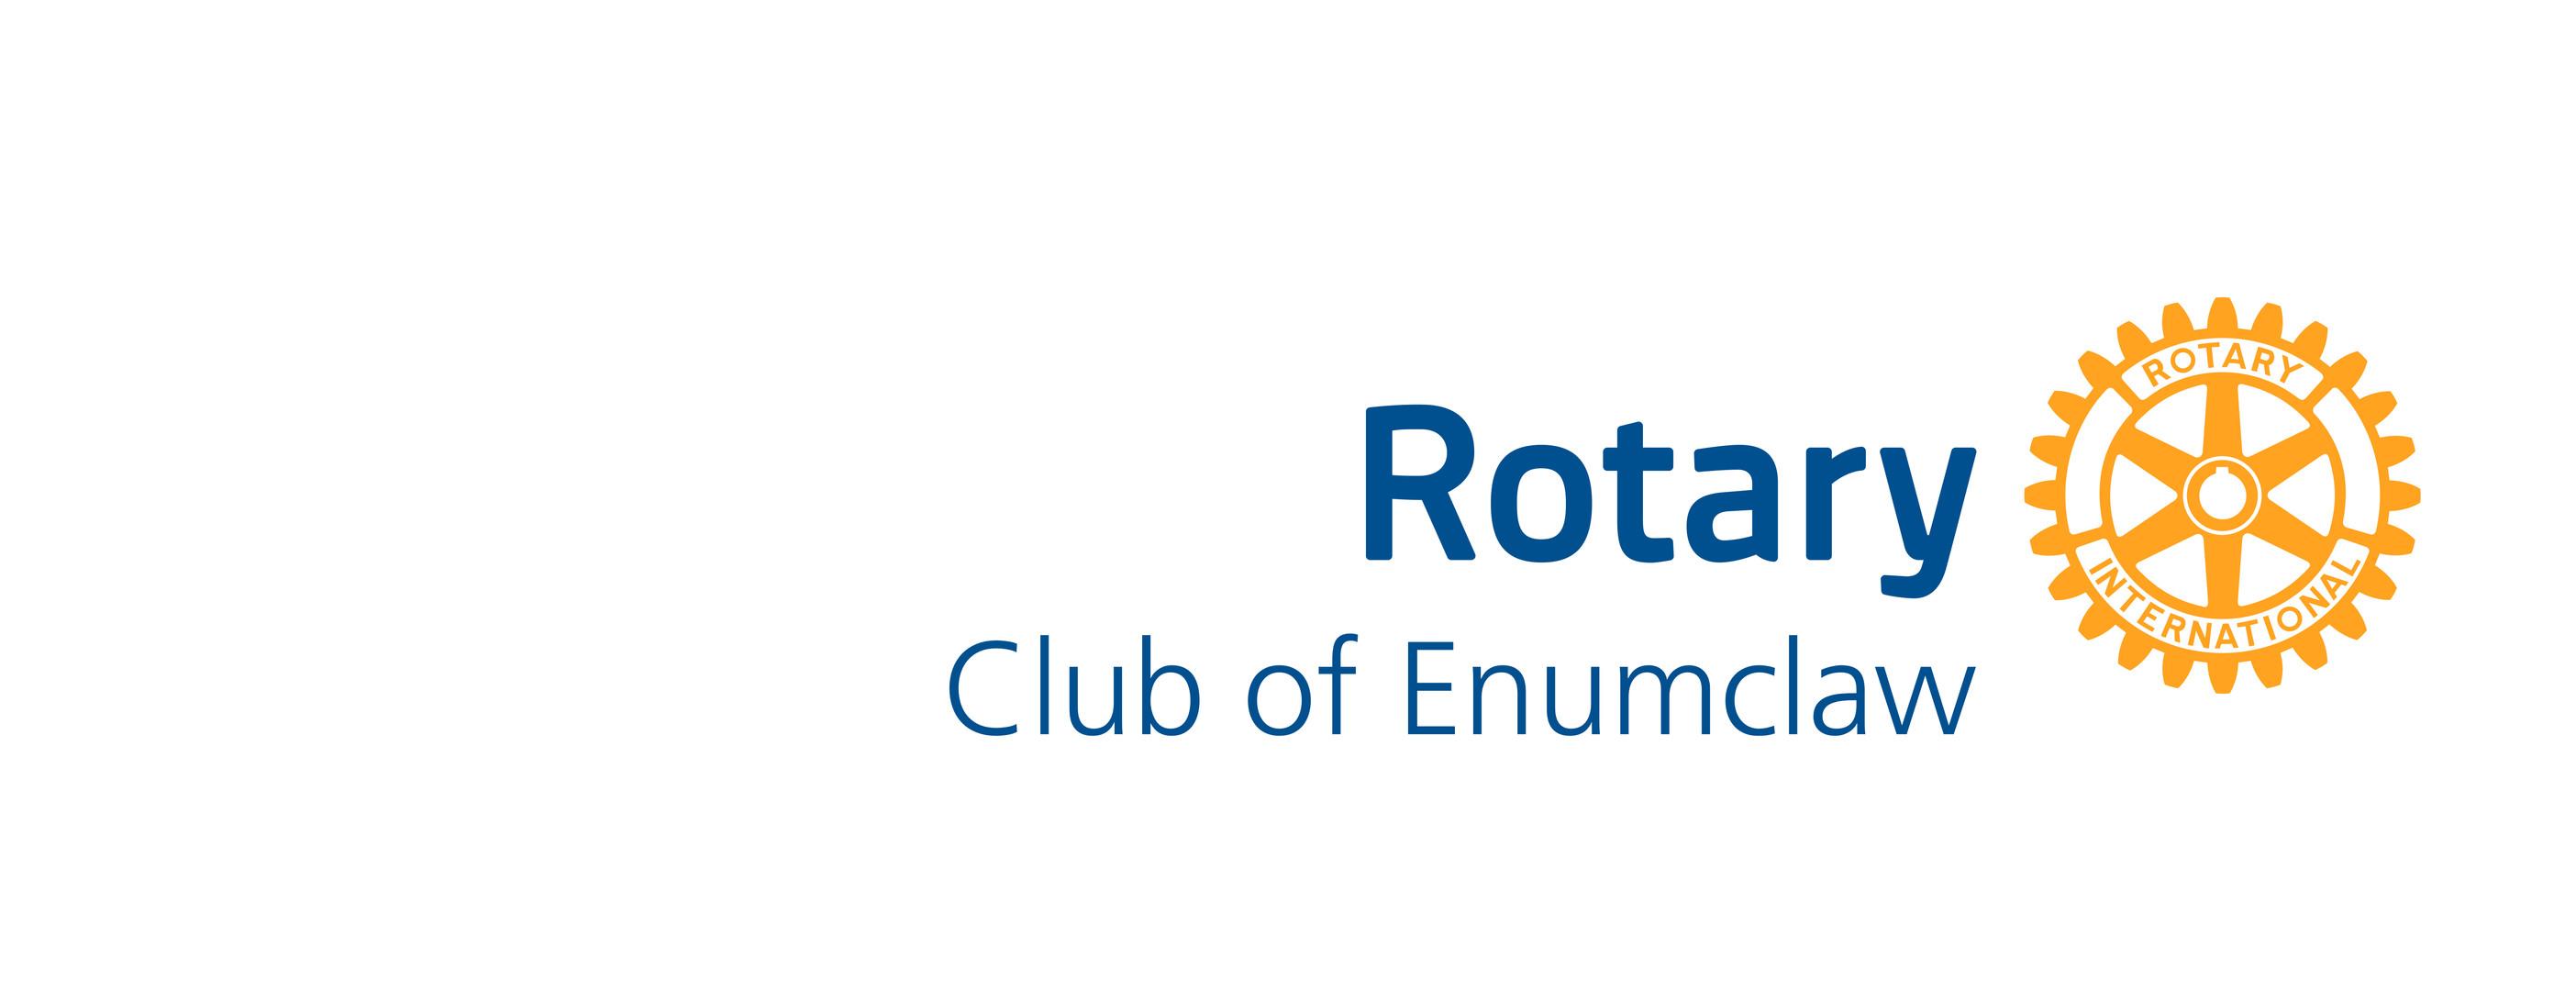 Enumclaw_new_logo (1).jpeg